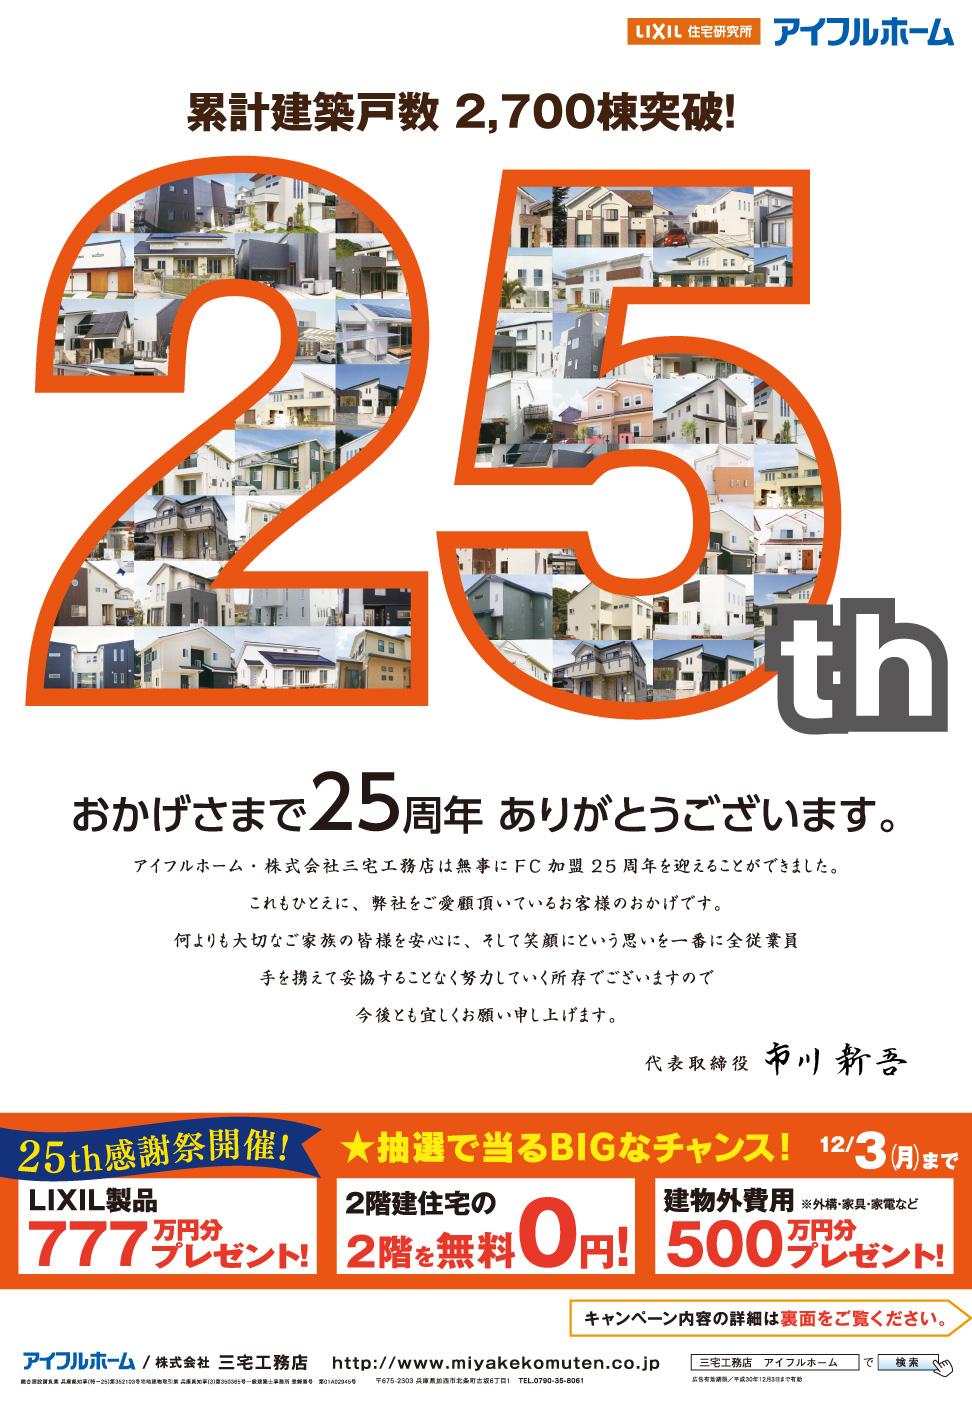 おかげさまで25周年。ありがとうございます。